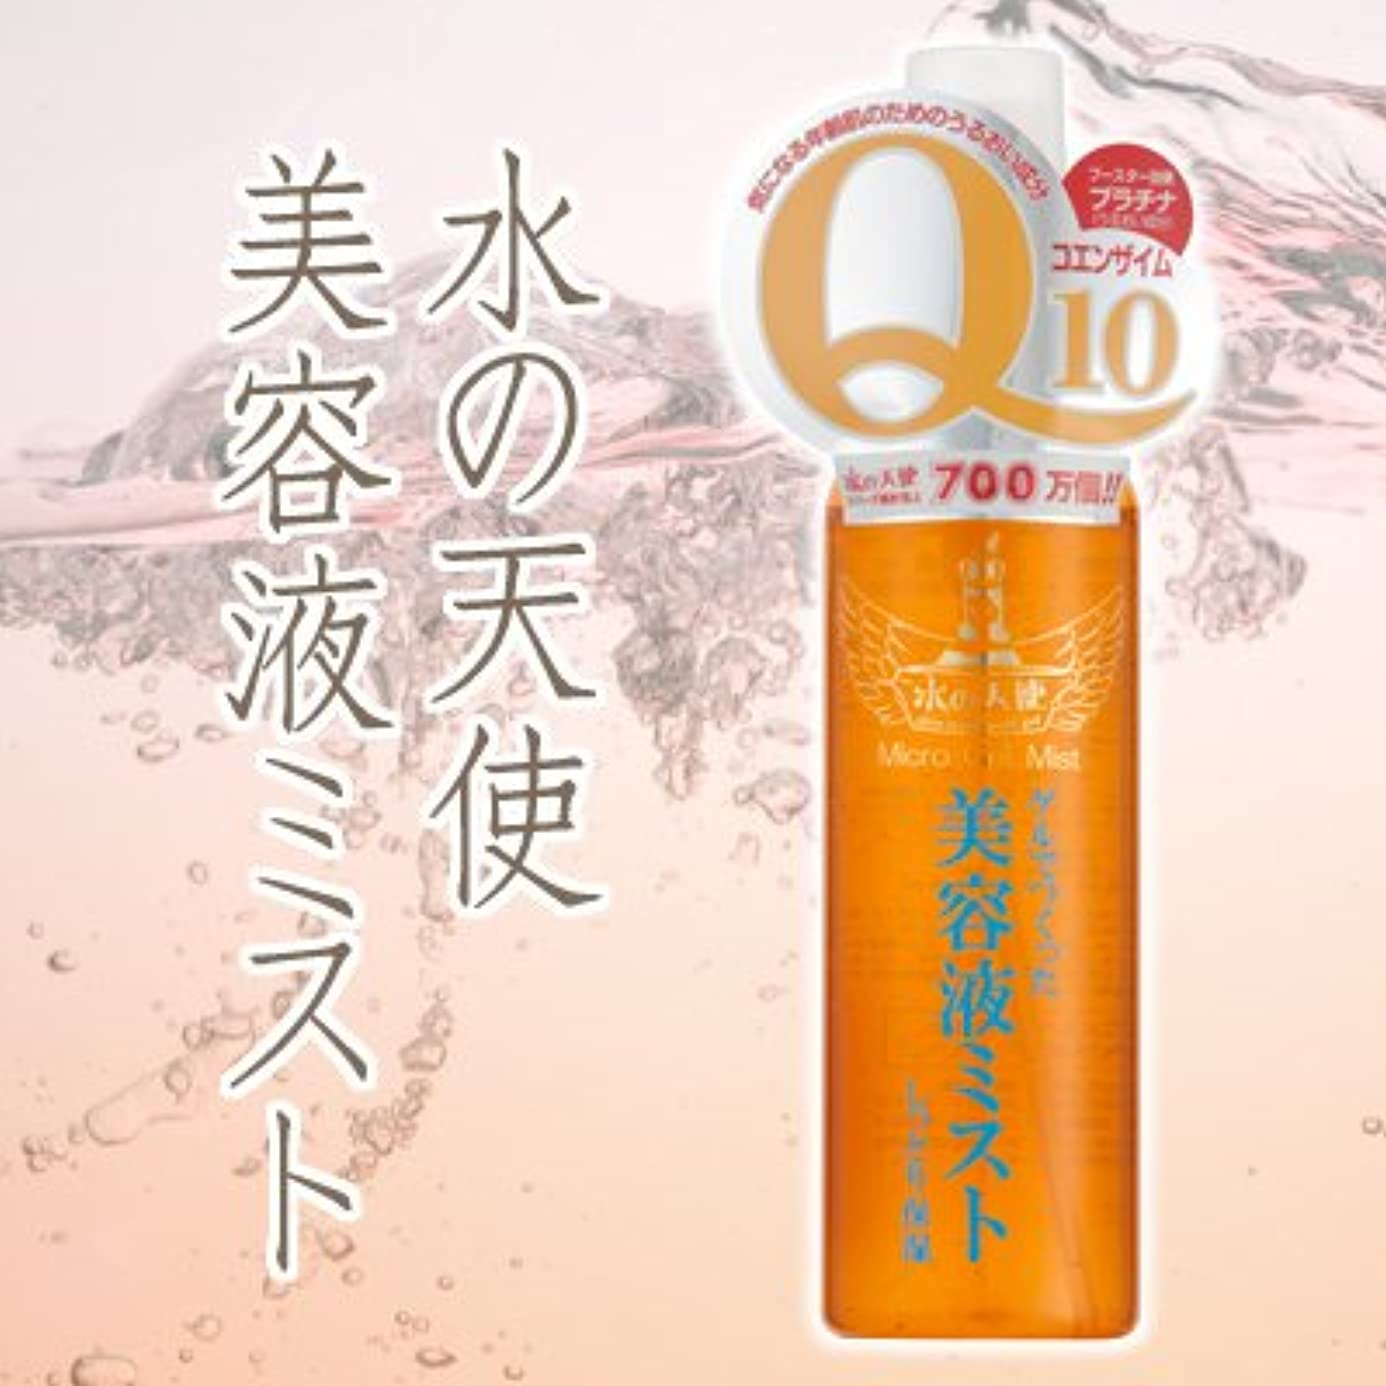 量喜び霧深い水の天使美容液ミスト 120ml 3個セット ※あの「水の天使」シリーズから美容液ミストが新登場!